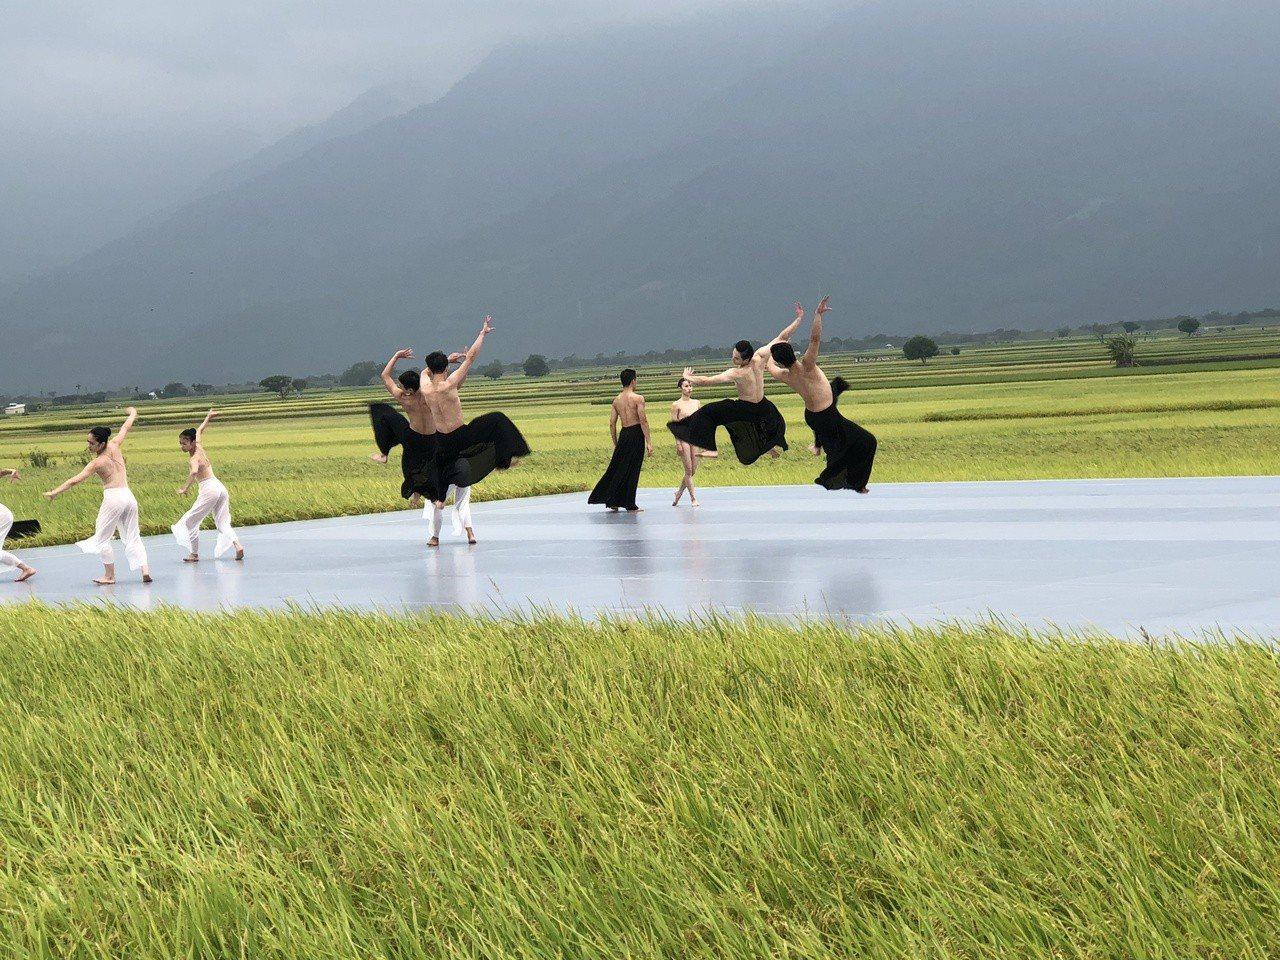 雲門昨在台東池上演出,由於沒下雨,舞者才能做這種「飛起」的跳躍動作。記者何定照/...